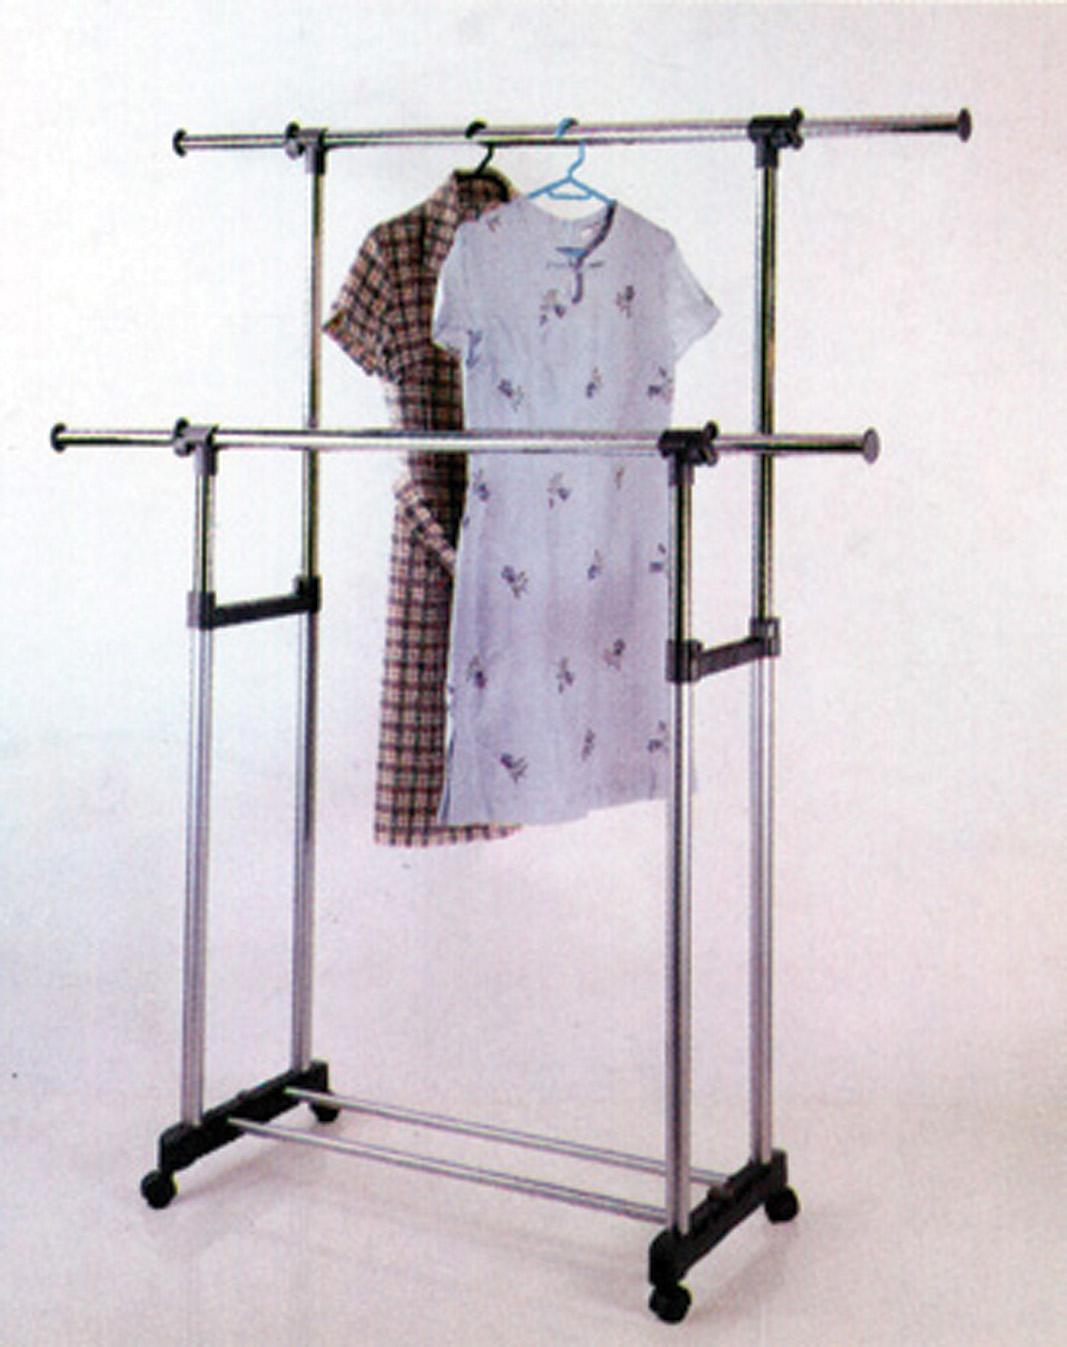 Stand Appendiabiti.Nbrand Stand Appendiabiti Stender Doppio Allungabile Dimensione 90